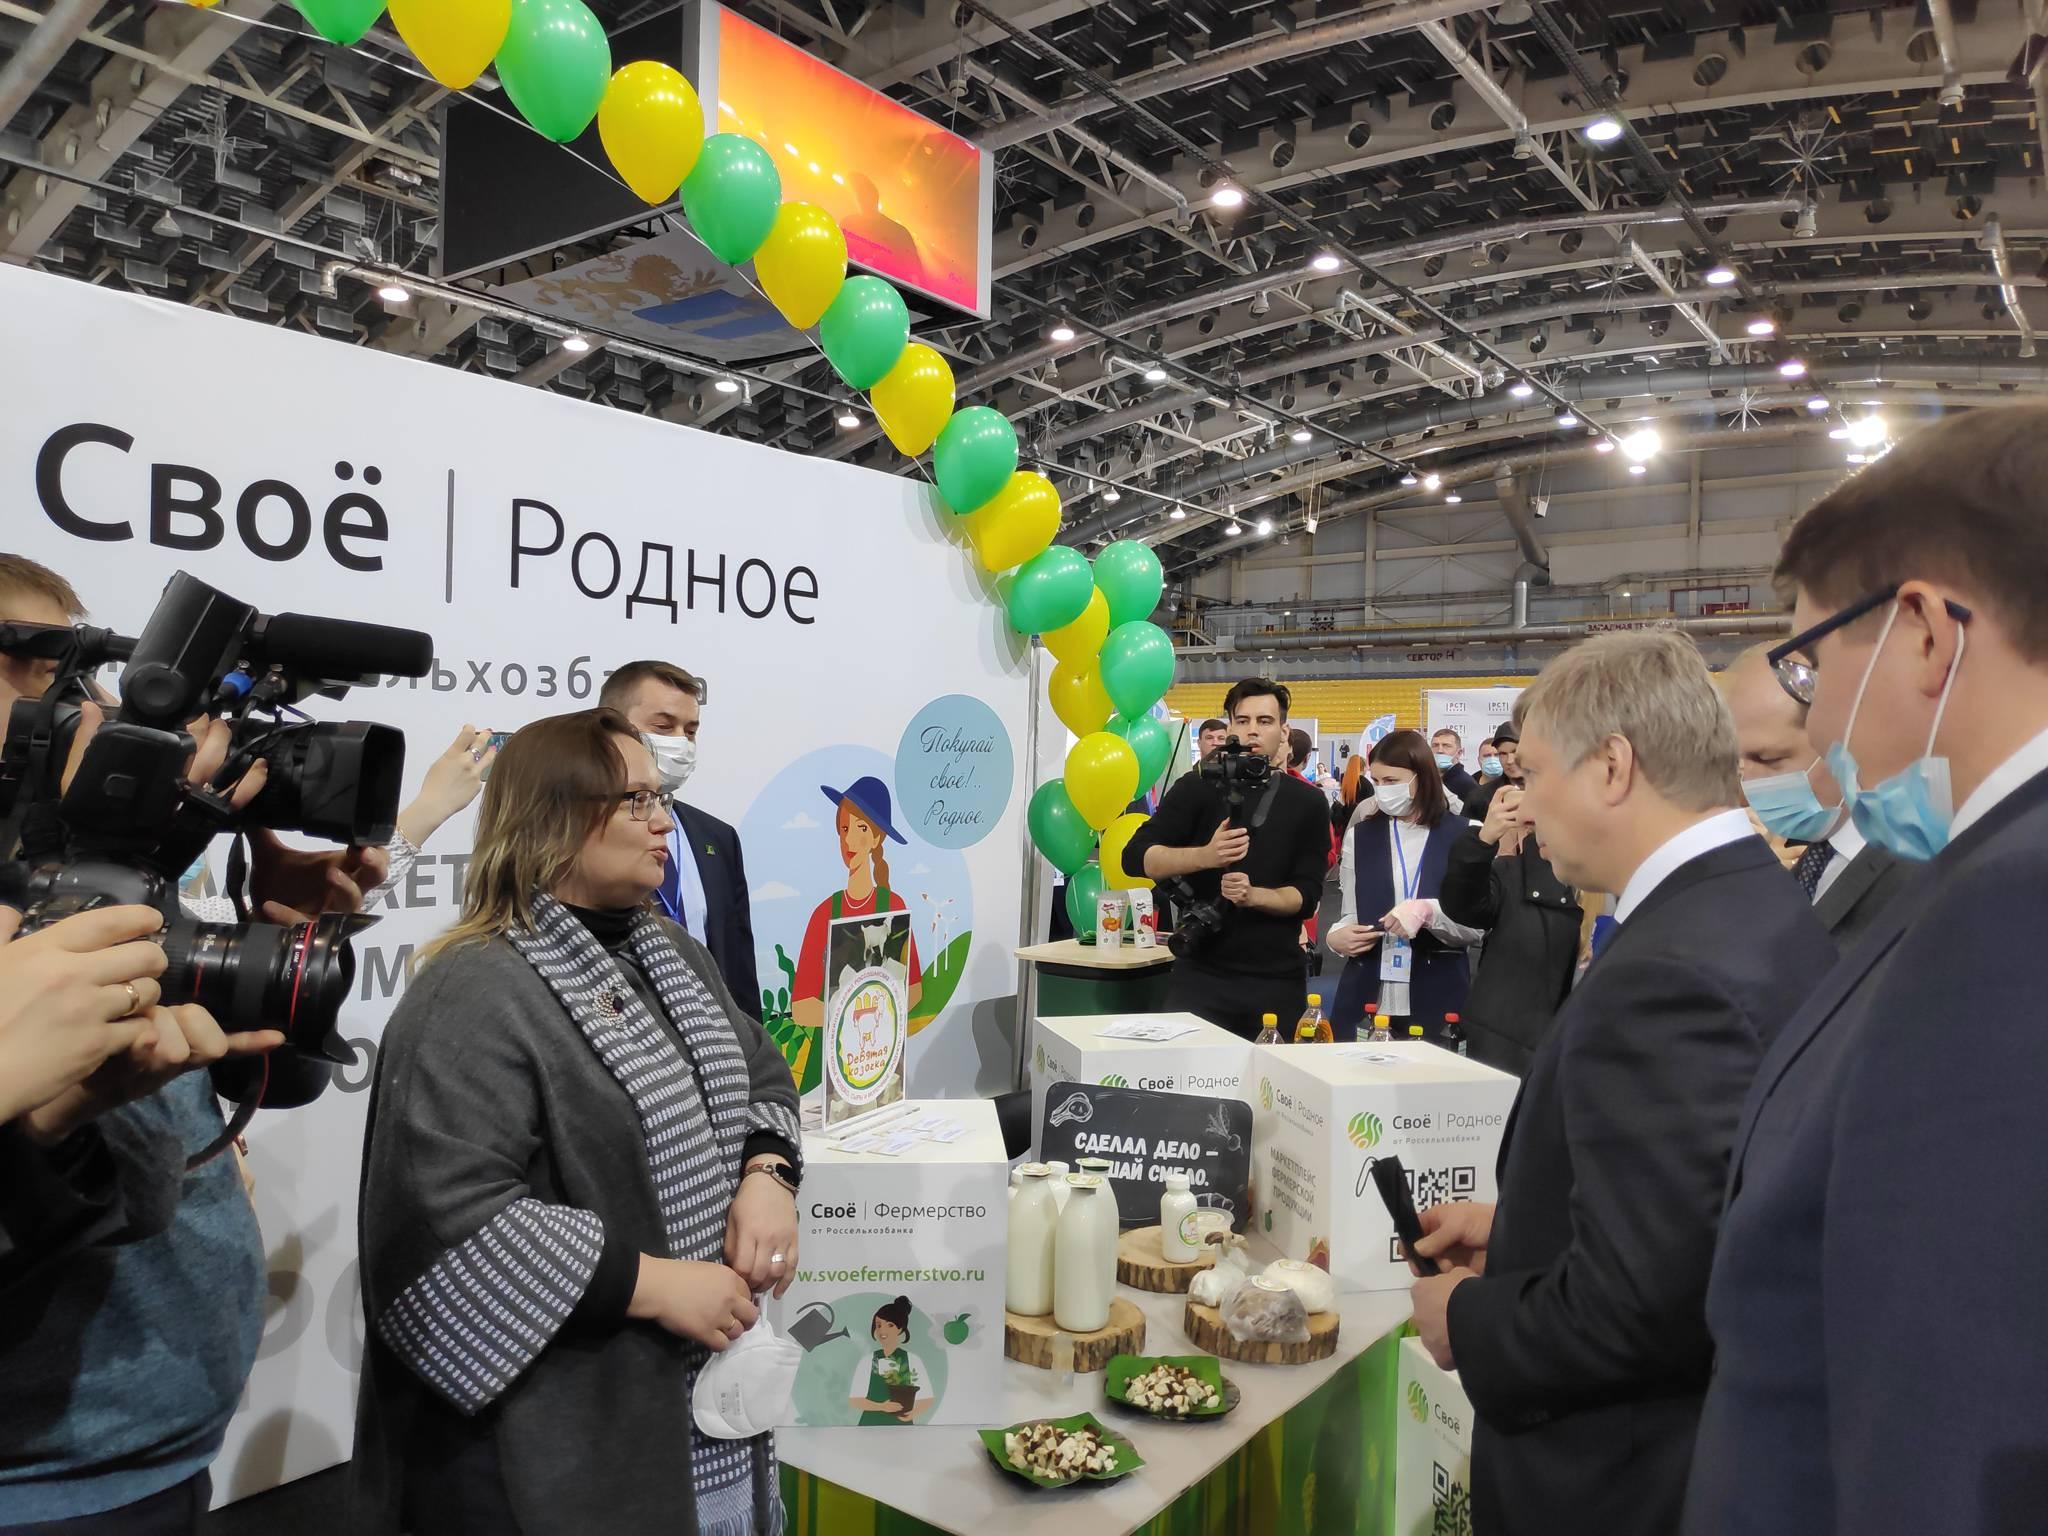 стенд Россельхозбанка посетил врио губернатора Ульяновской области Алексей Русских